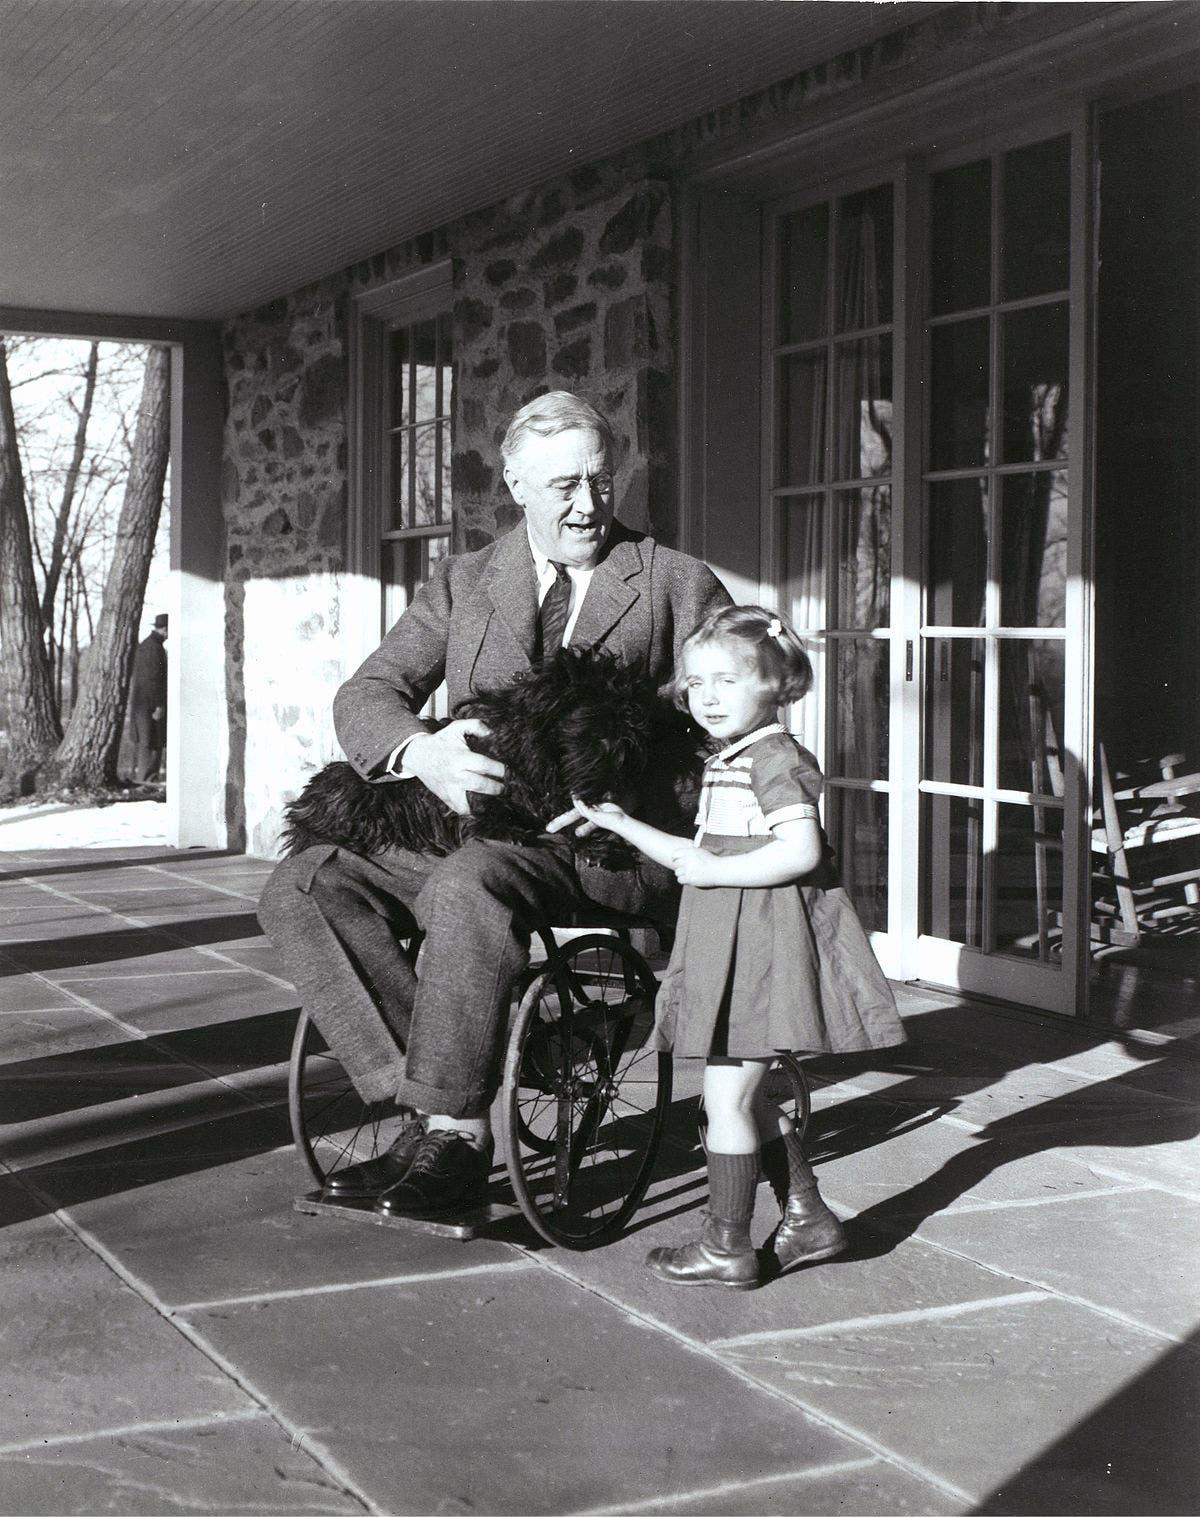 صورة للرئيس الأميركي فرانكلن روزفلت الذي عانى من شلل الأطفال